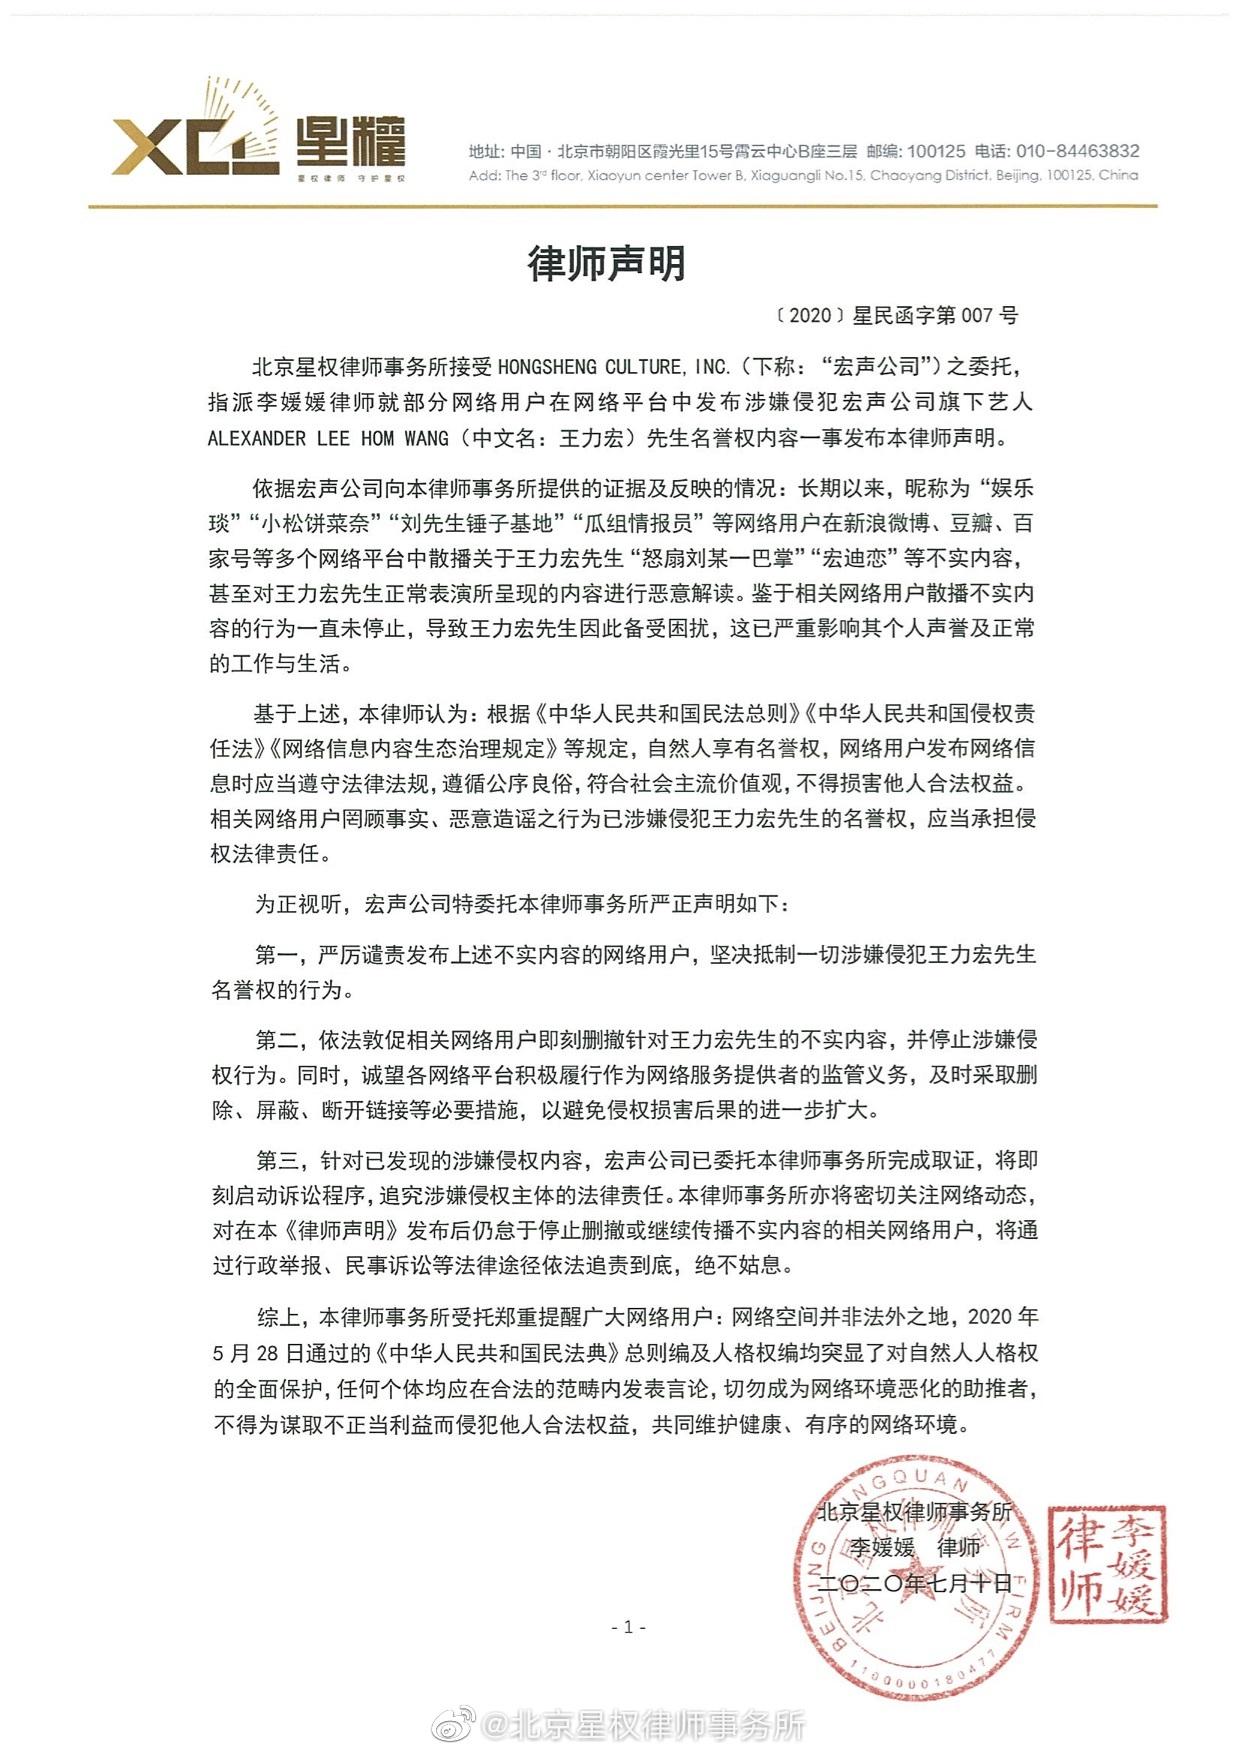 王力宏发律师声明,谴责不实言论将启动诉讼程序图片